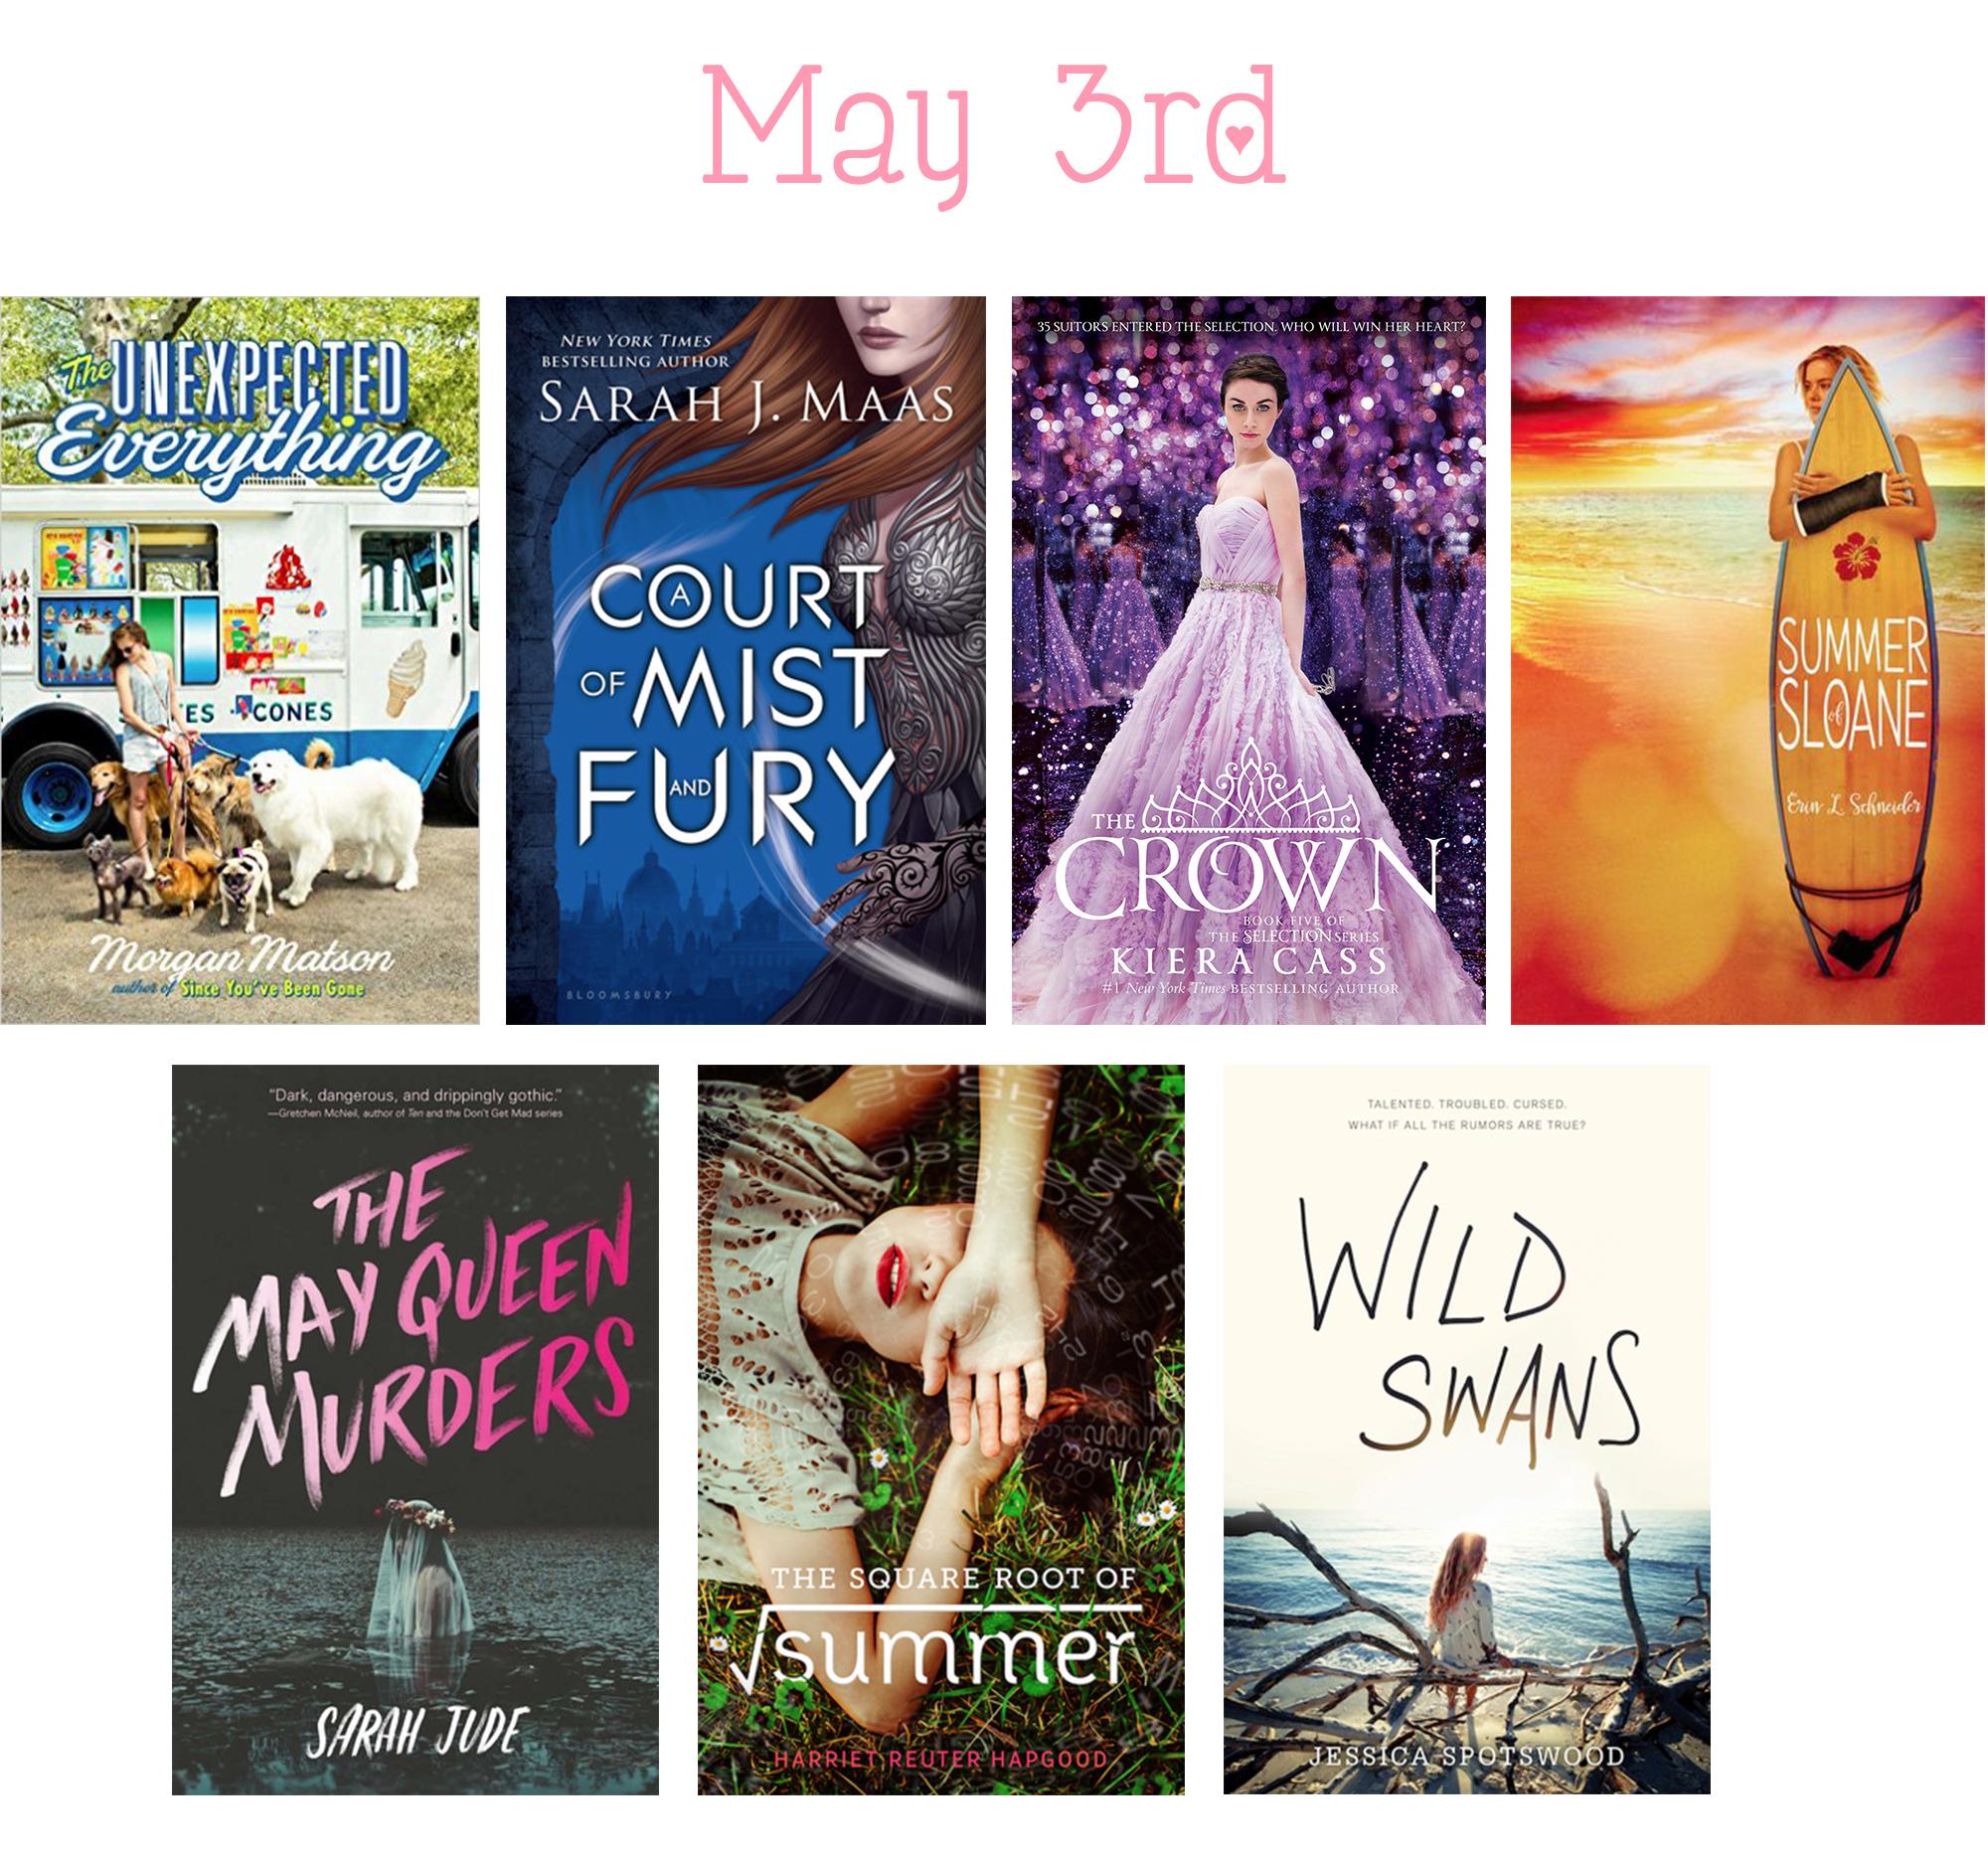 1 - May 3